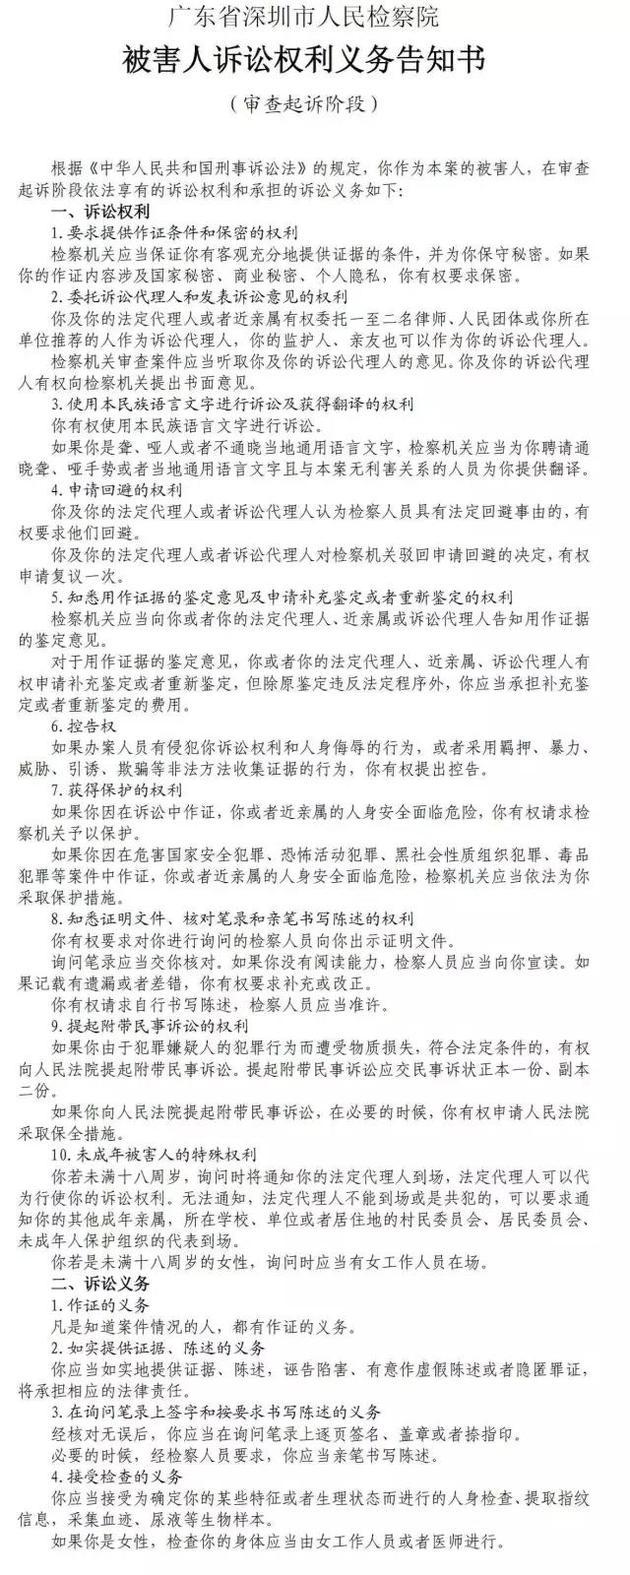 钱贷网刘春华等4人涉嫌非法吸收存款 遭起诉